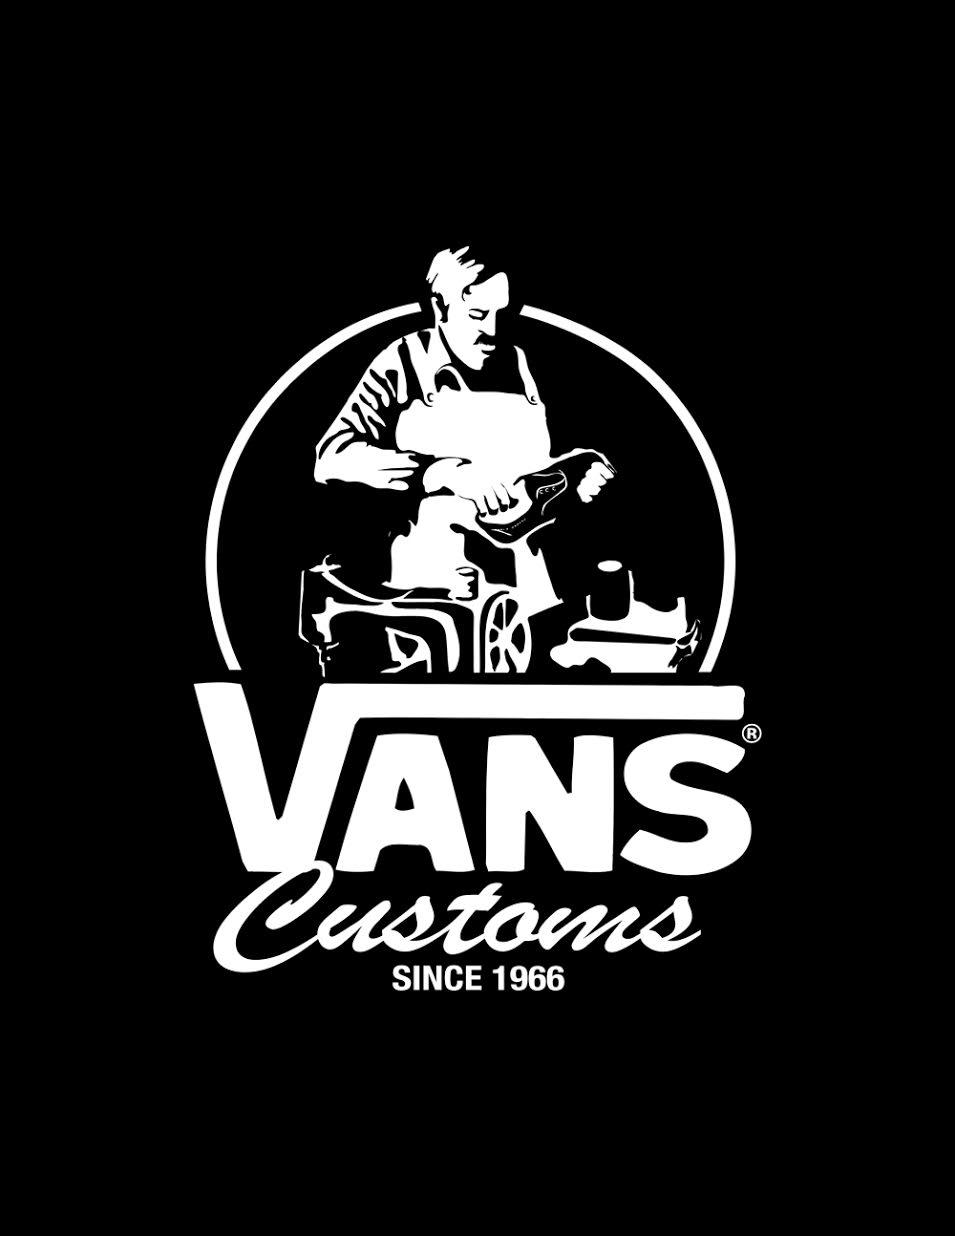 Vans Customs